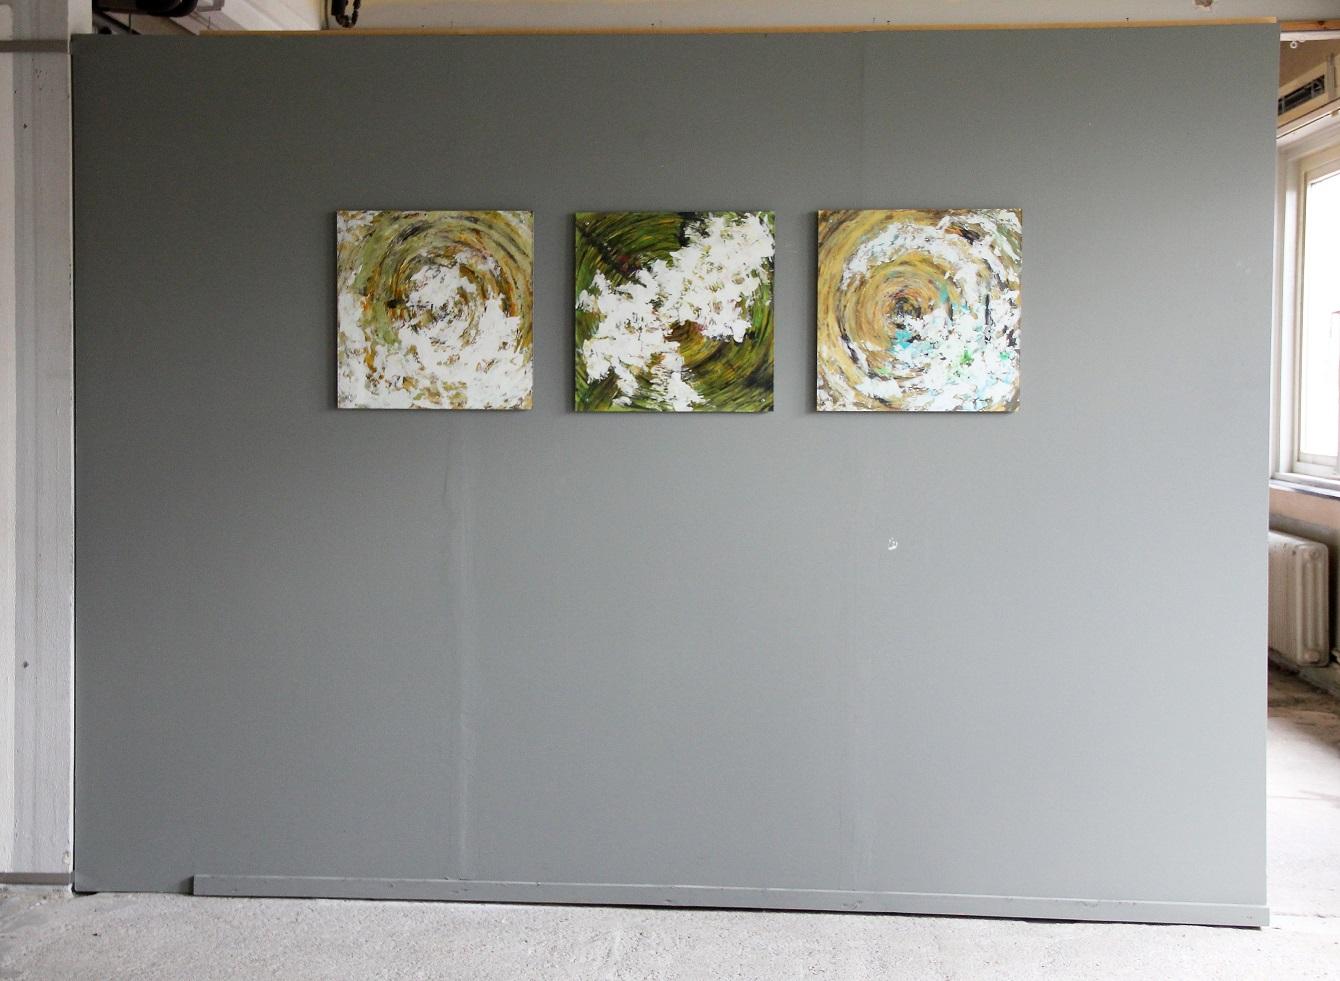 Installationsansicht aus der Austellung ZIE SO-66, Startion Hengelo, März 2017